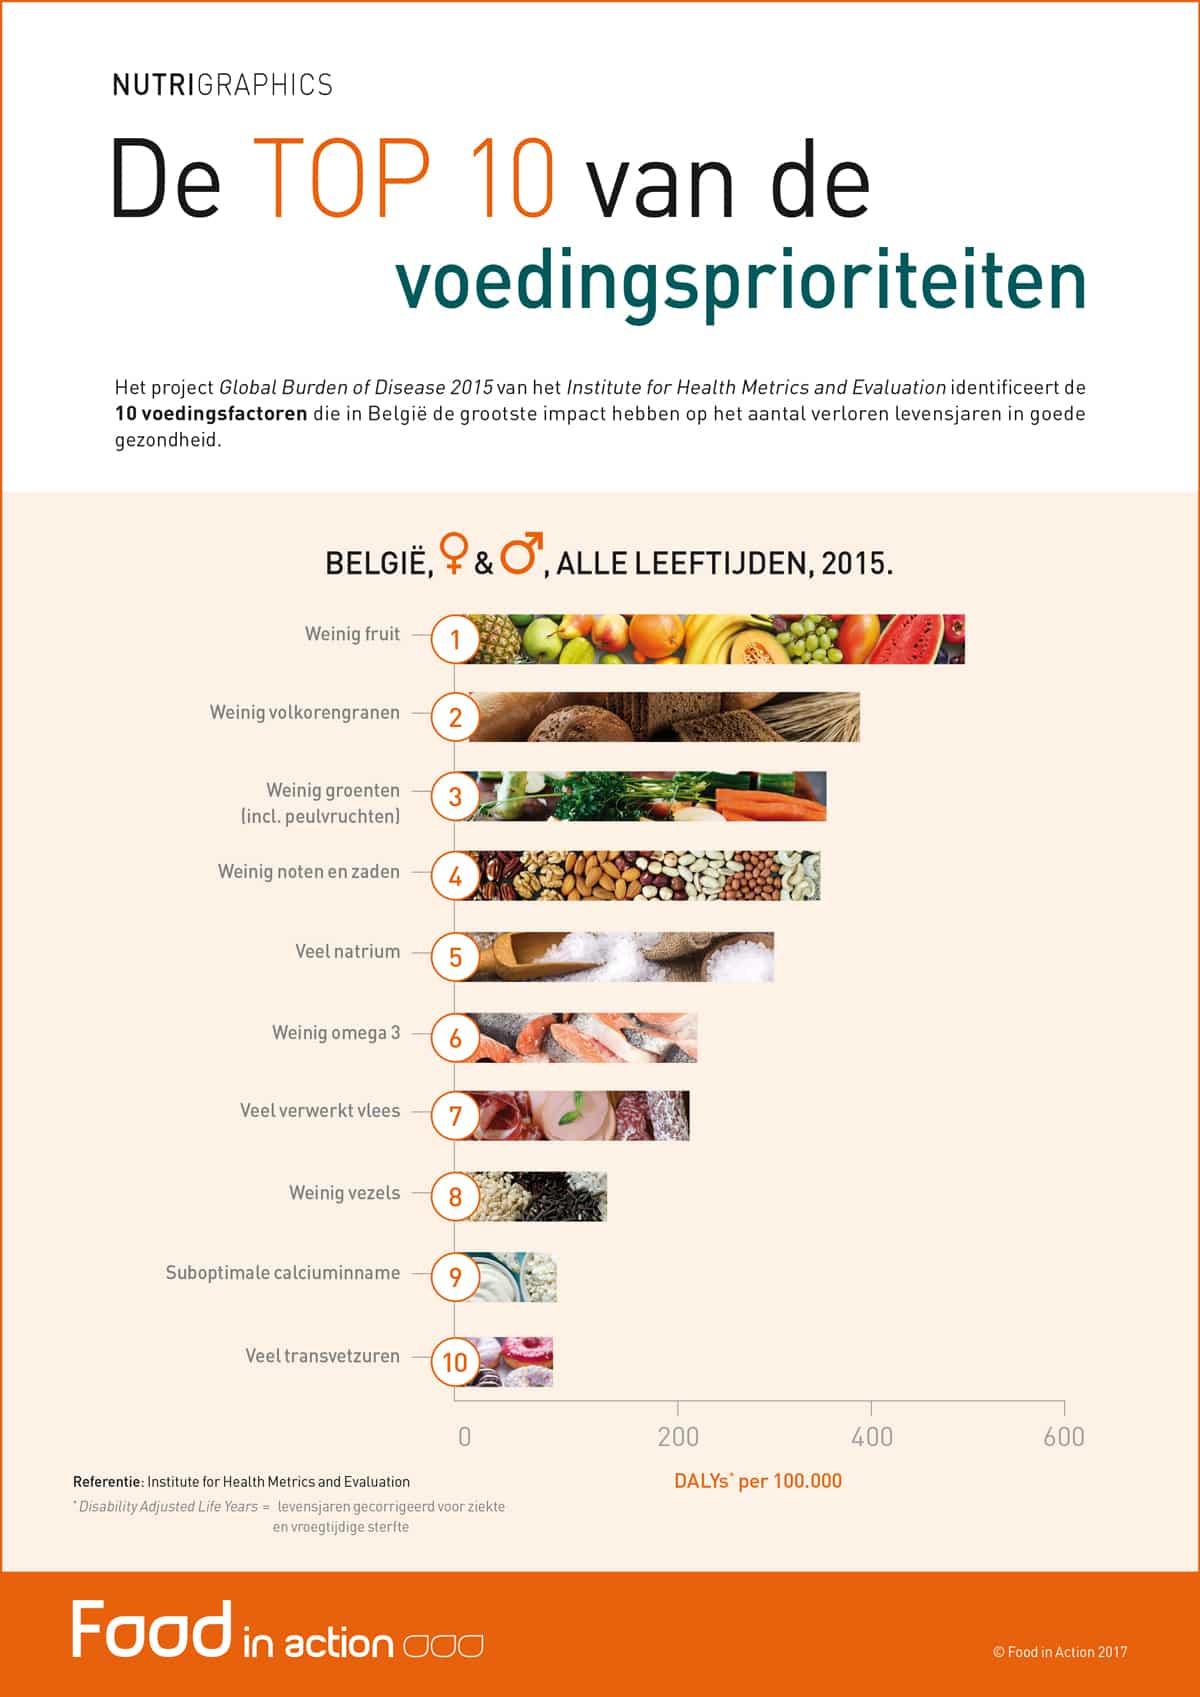 nutrigraphics-top-10-voedingsprioriteiten